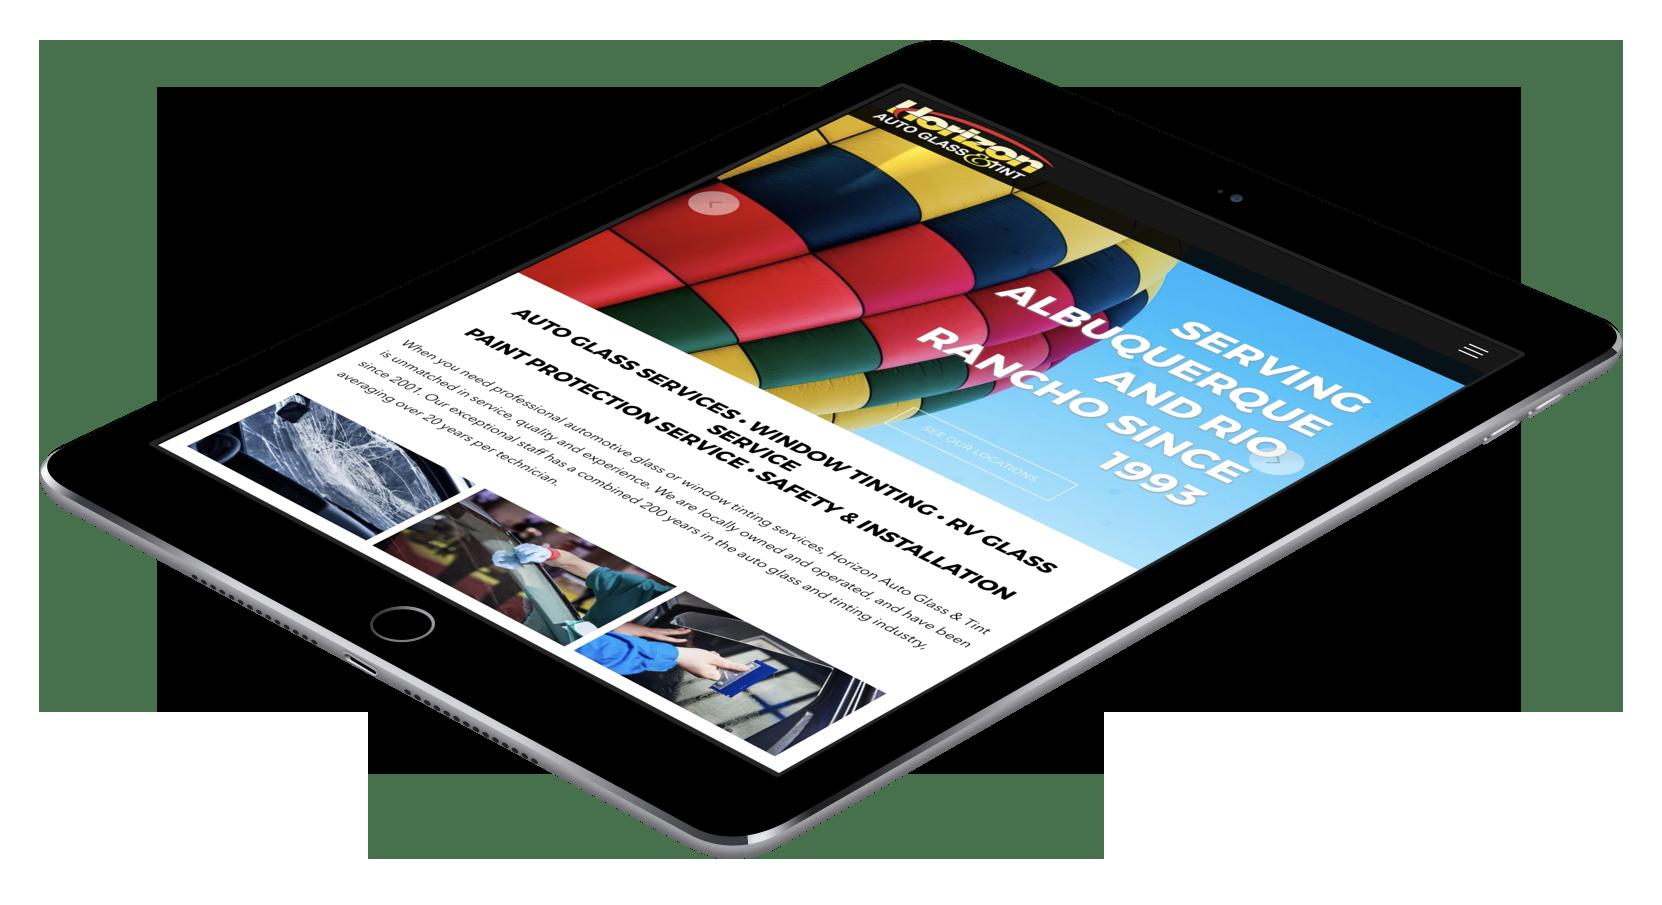 Horizon Auto Glass & Tint (iPad)